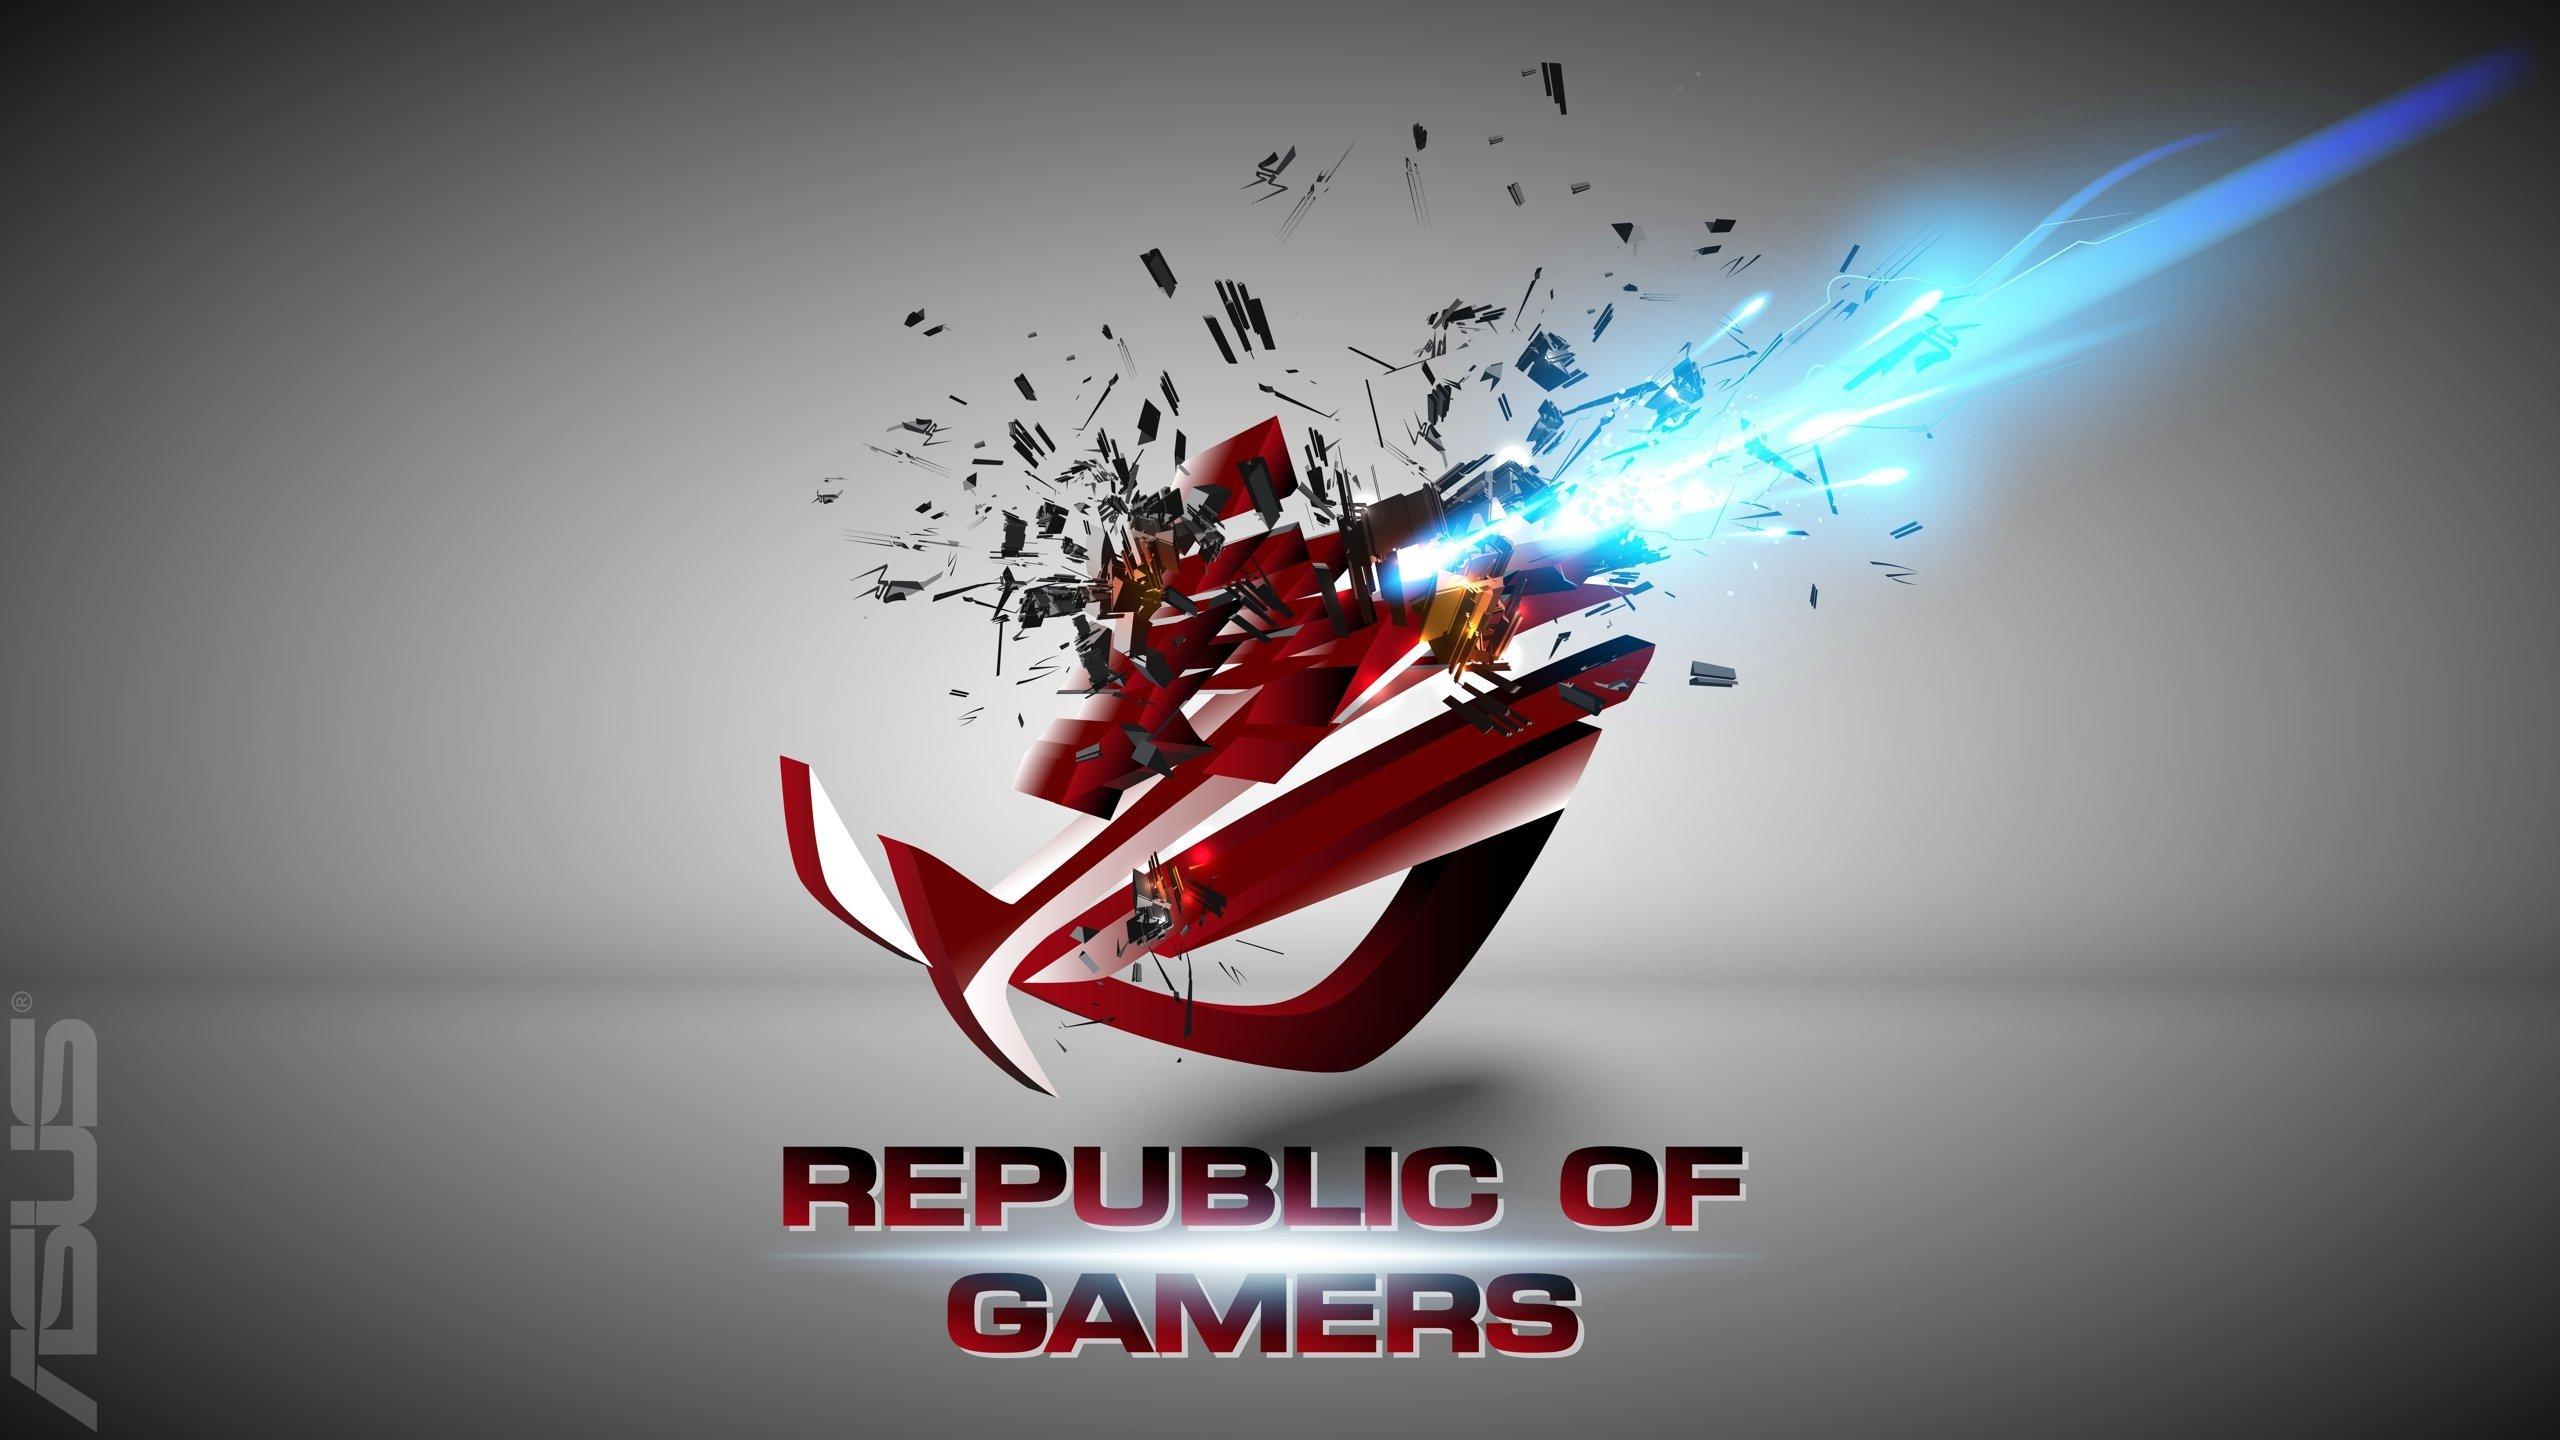 Asus rog republic of gamers asus hd wallpapers desktop - Rog desktop wallpaper ...